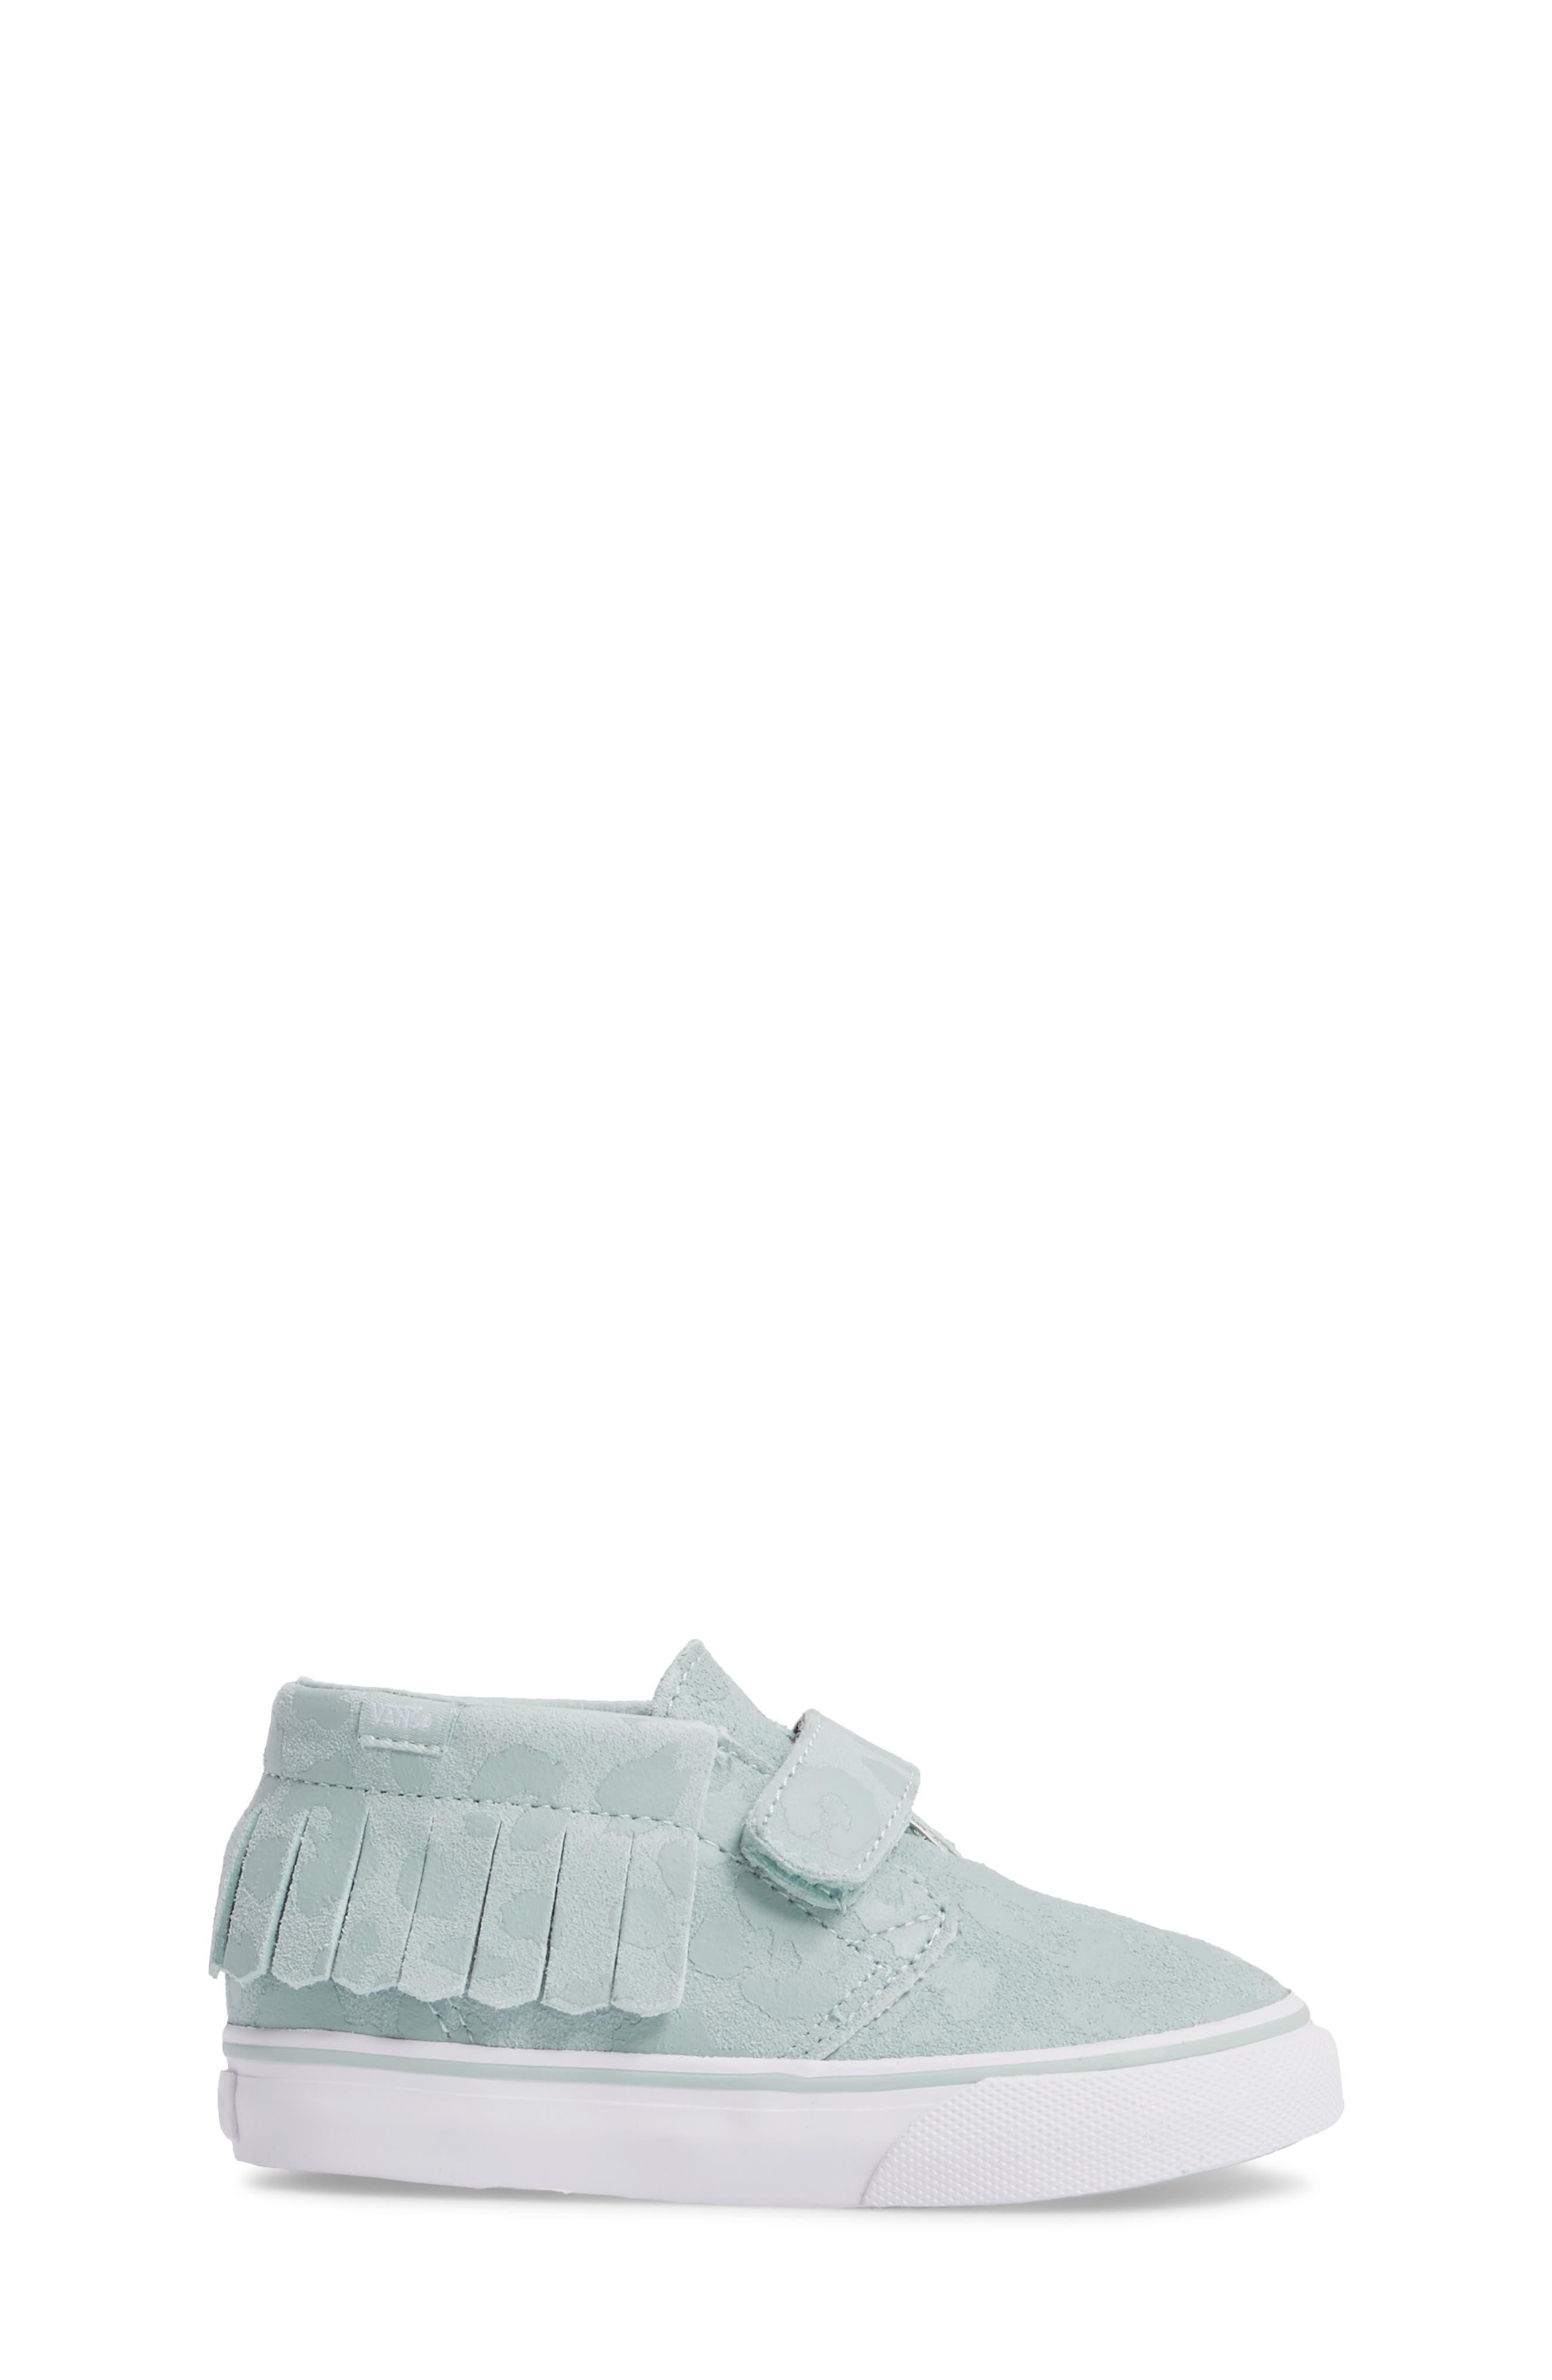 Alternate Image 3  - Vans Chukka V Moc Sneaker (Baby, Walker & Toddler)